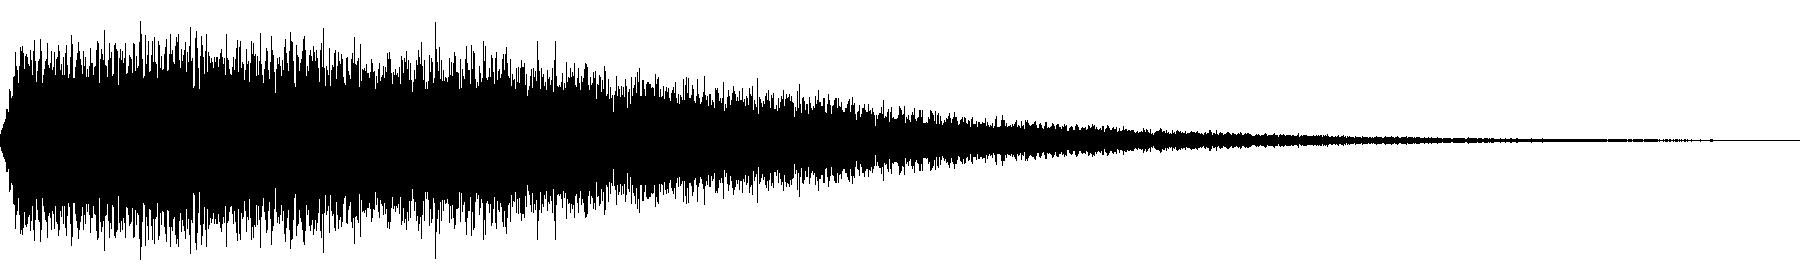 vedh synth cut 253 fm